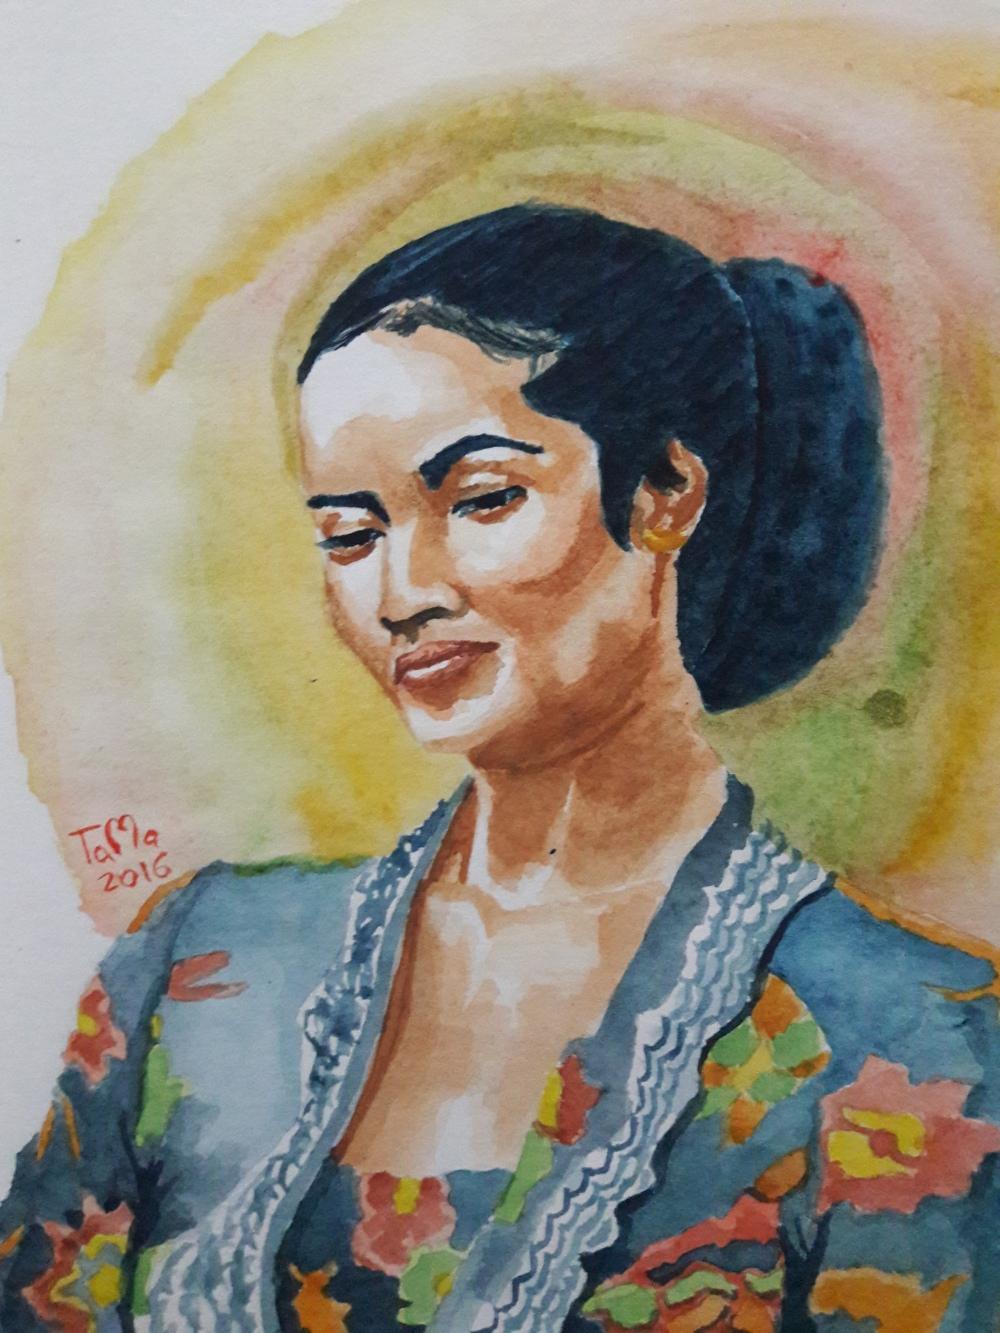 #WorldWatercolorGroup - Watercolor portait by Bastian Adi Pratama - #doodlewash